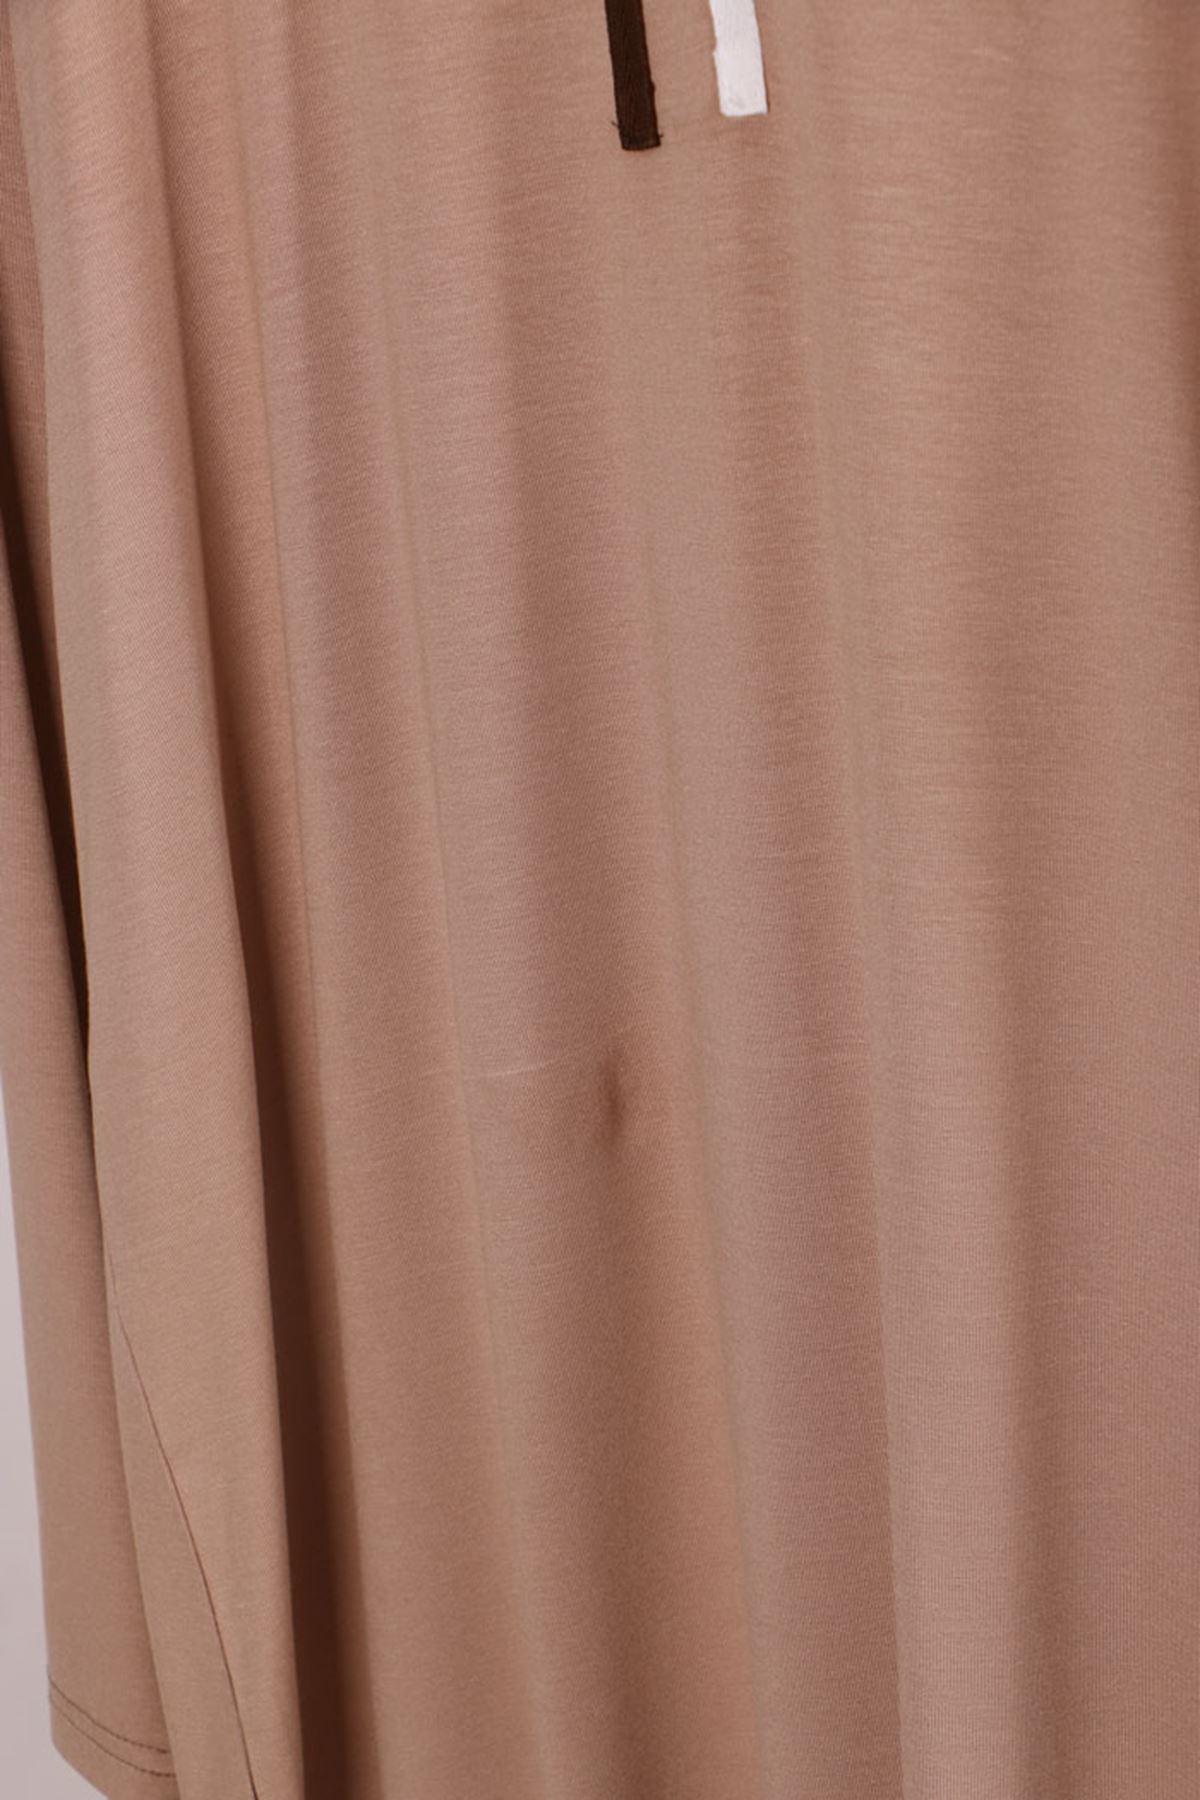 D-17700 Büyük Beden Defolu Penye Şeritli Tunik - Taş